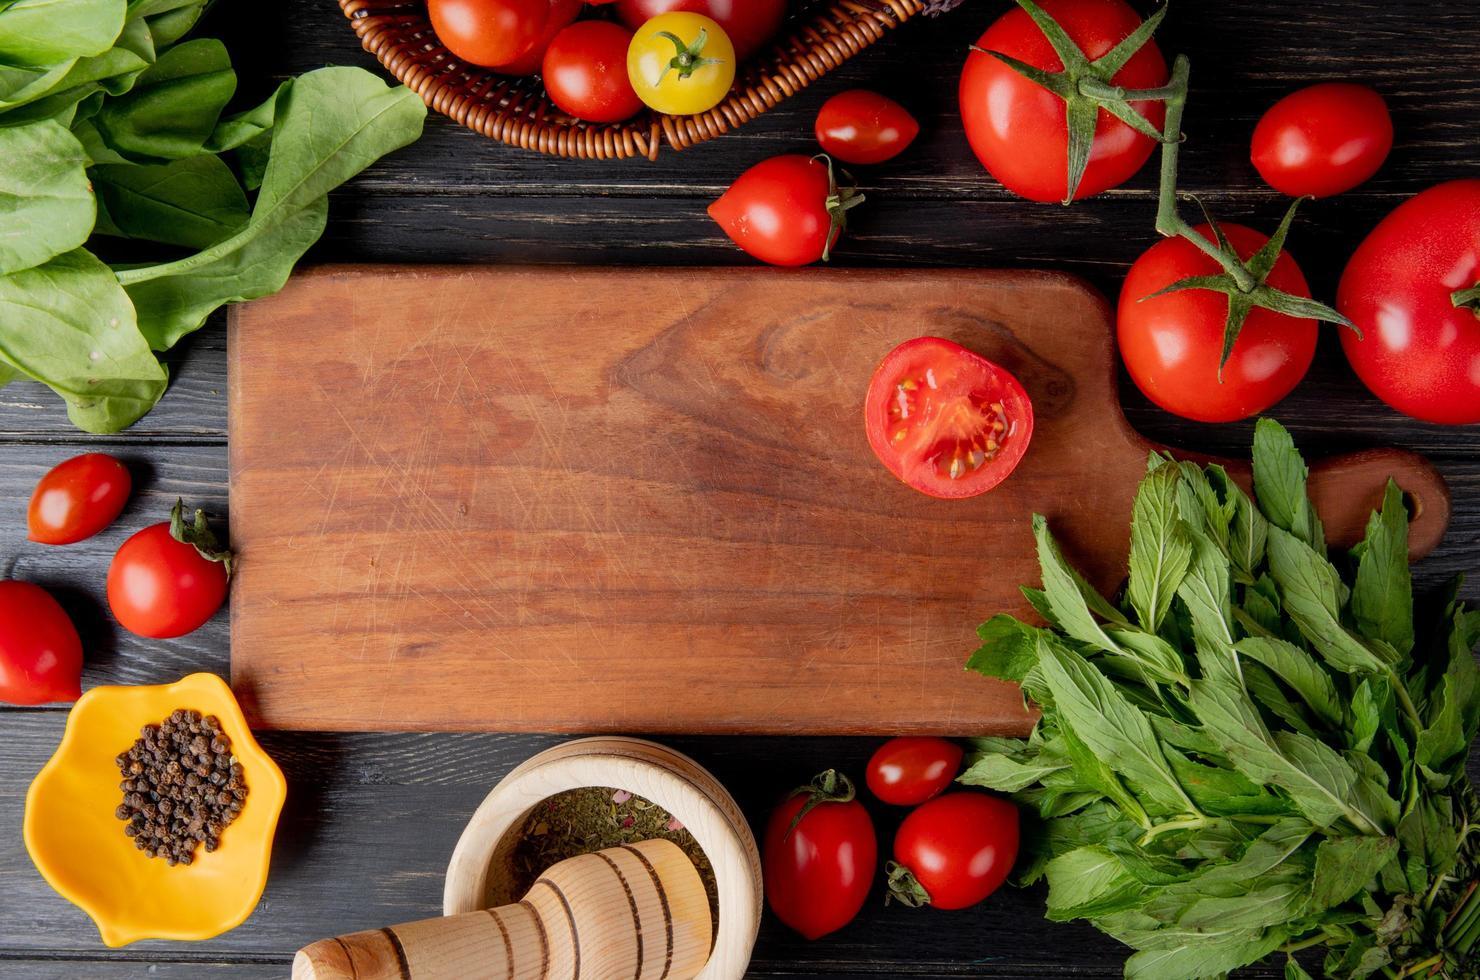 Vista superior de verduras como tomate y hojas de menta verde con semillas de pimienta negra y trituradora de ajo y tomate cortado en una tabla de cortar sobre fondo de madera foto